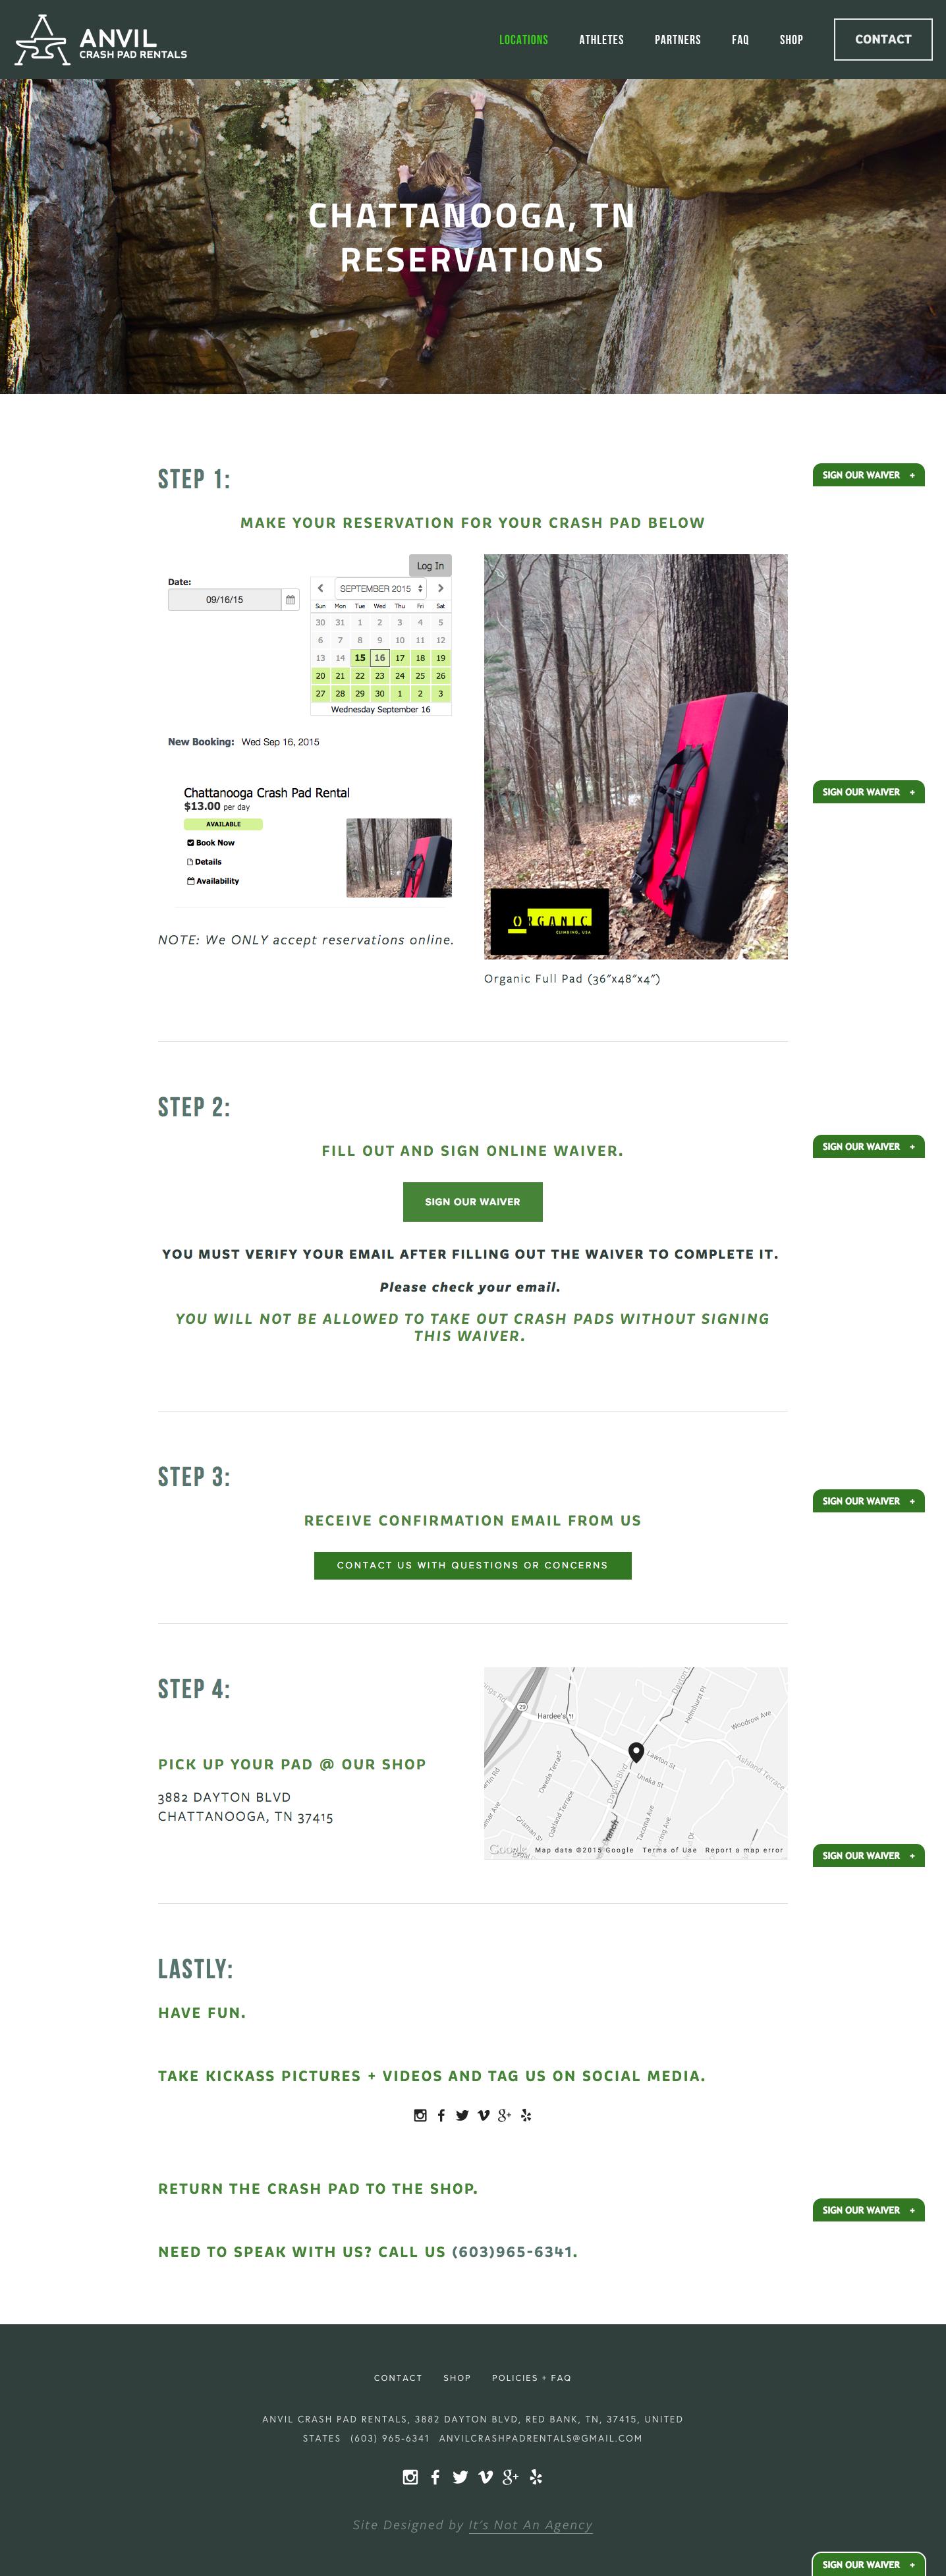 Ecommerce Website Design_Anvil Crash Pad Rentals6.png